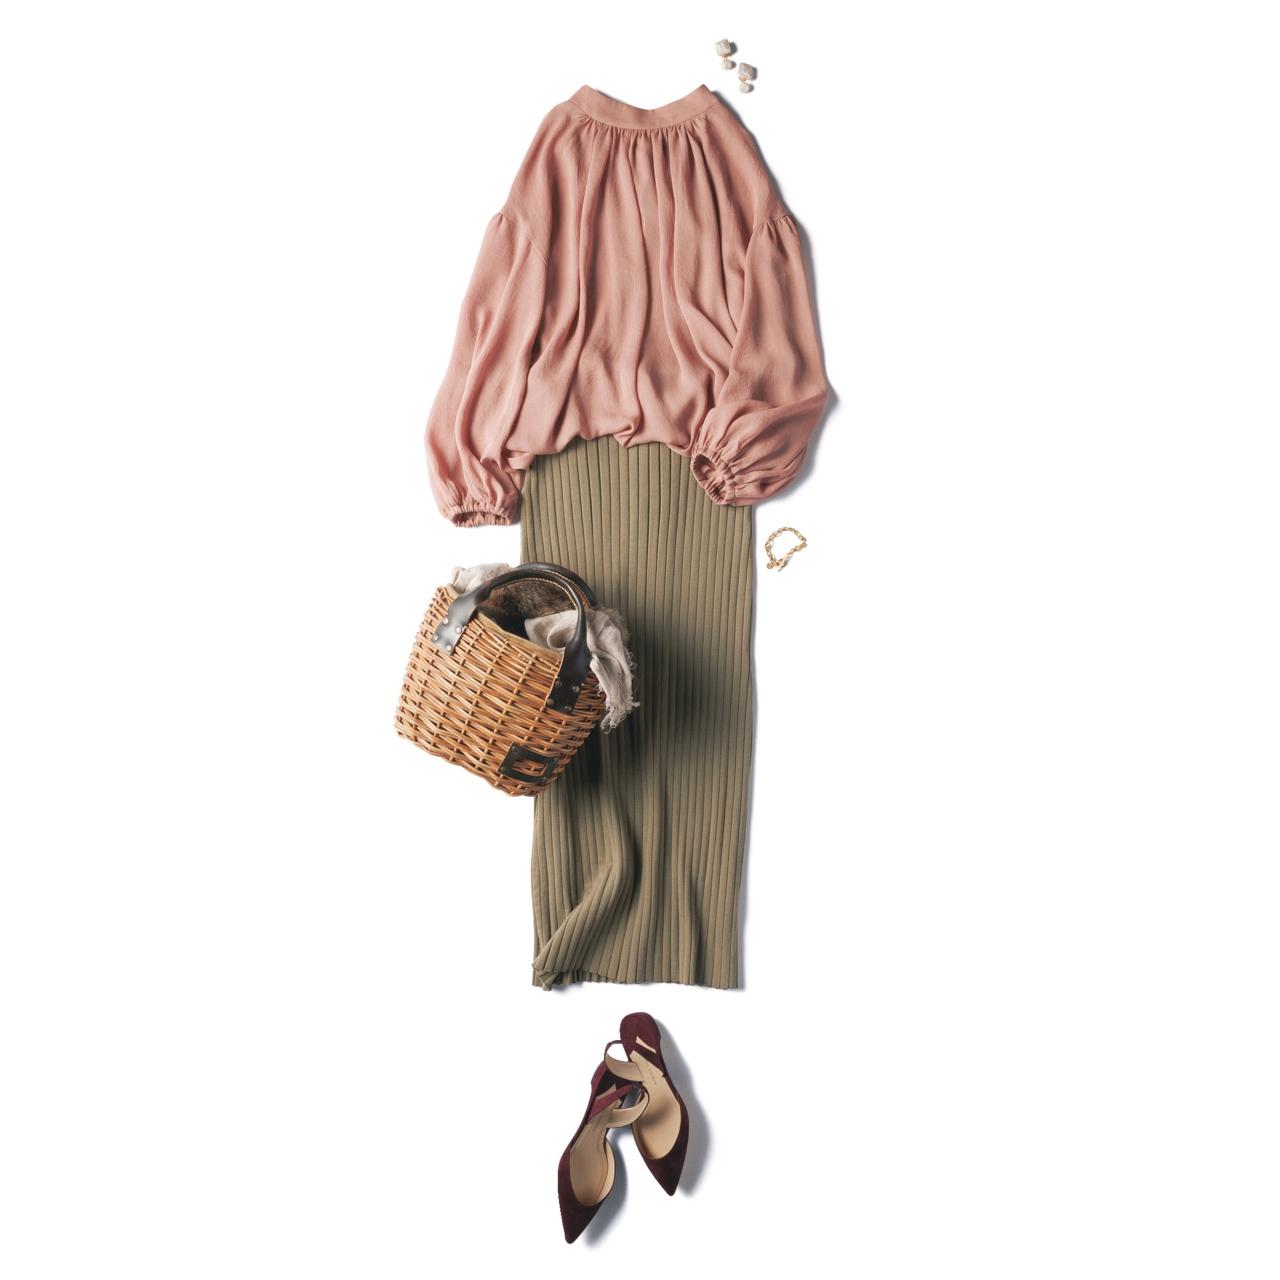 ピンクブラウス×ニットスカートのファッションコーデ